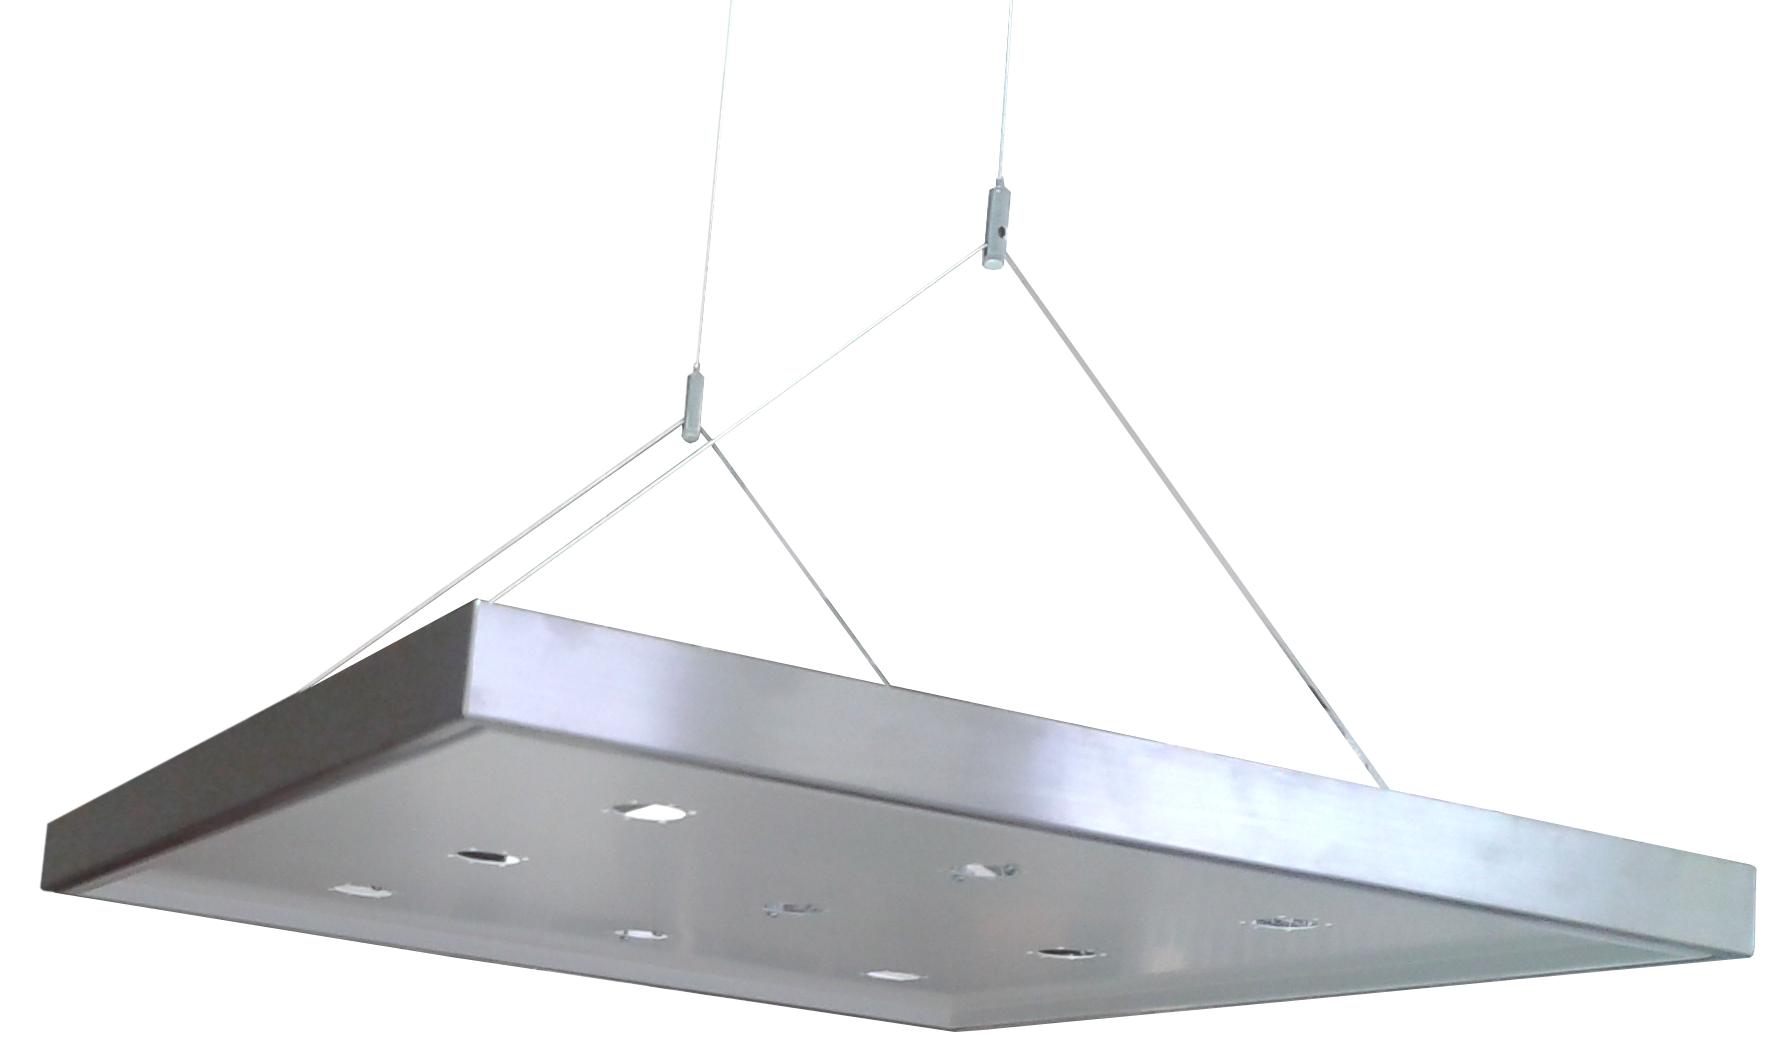 Supporto Plafoniera LED 60x60 Sospensione - ECOLUX SOSPENSIONE BIANCO